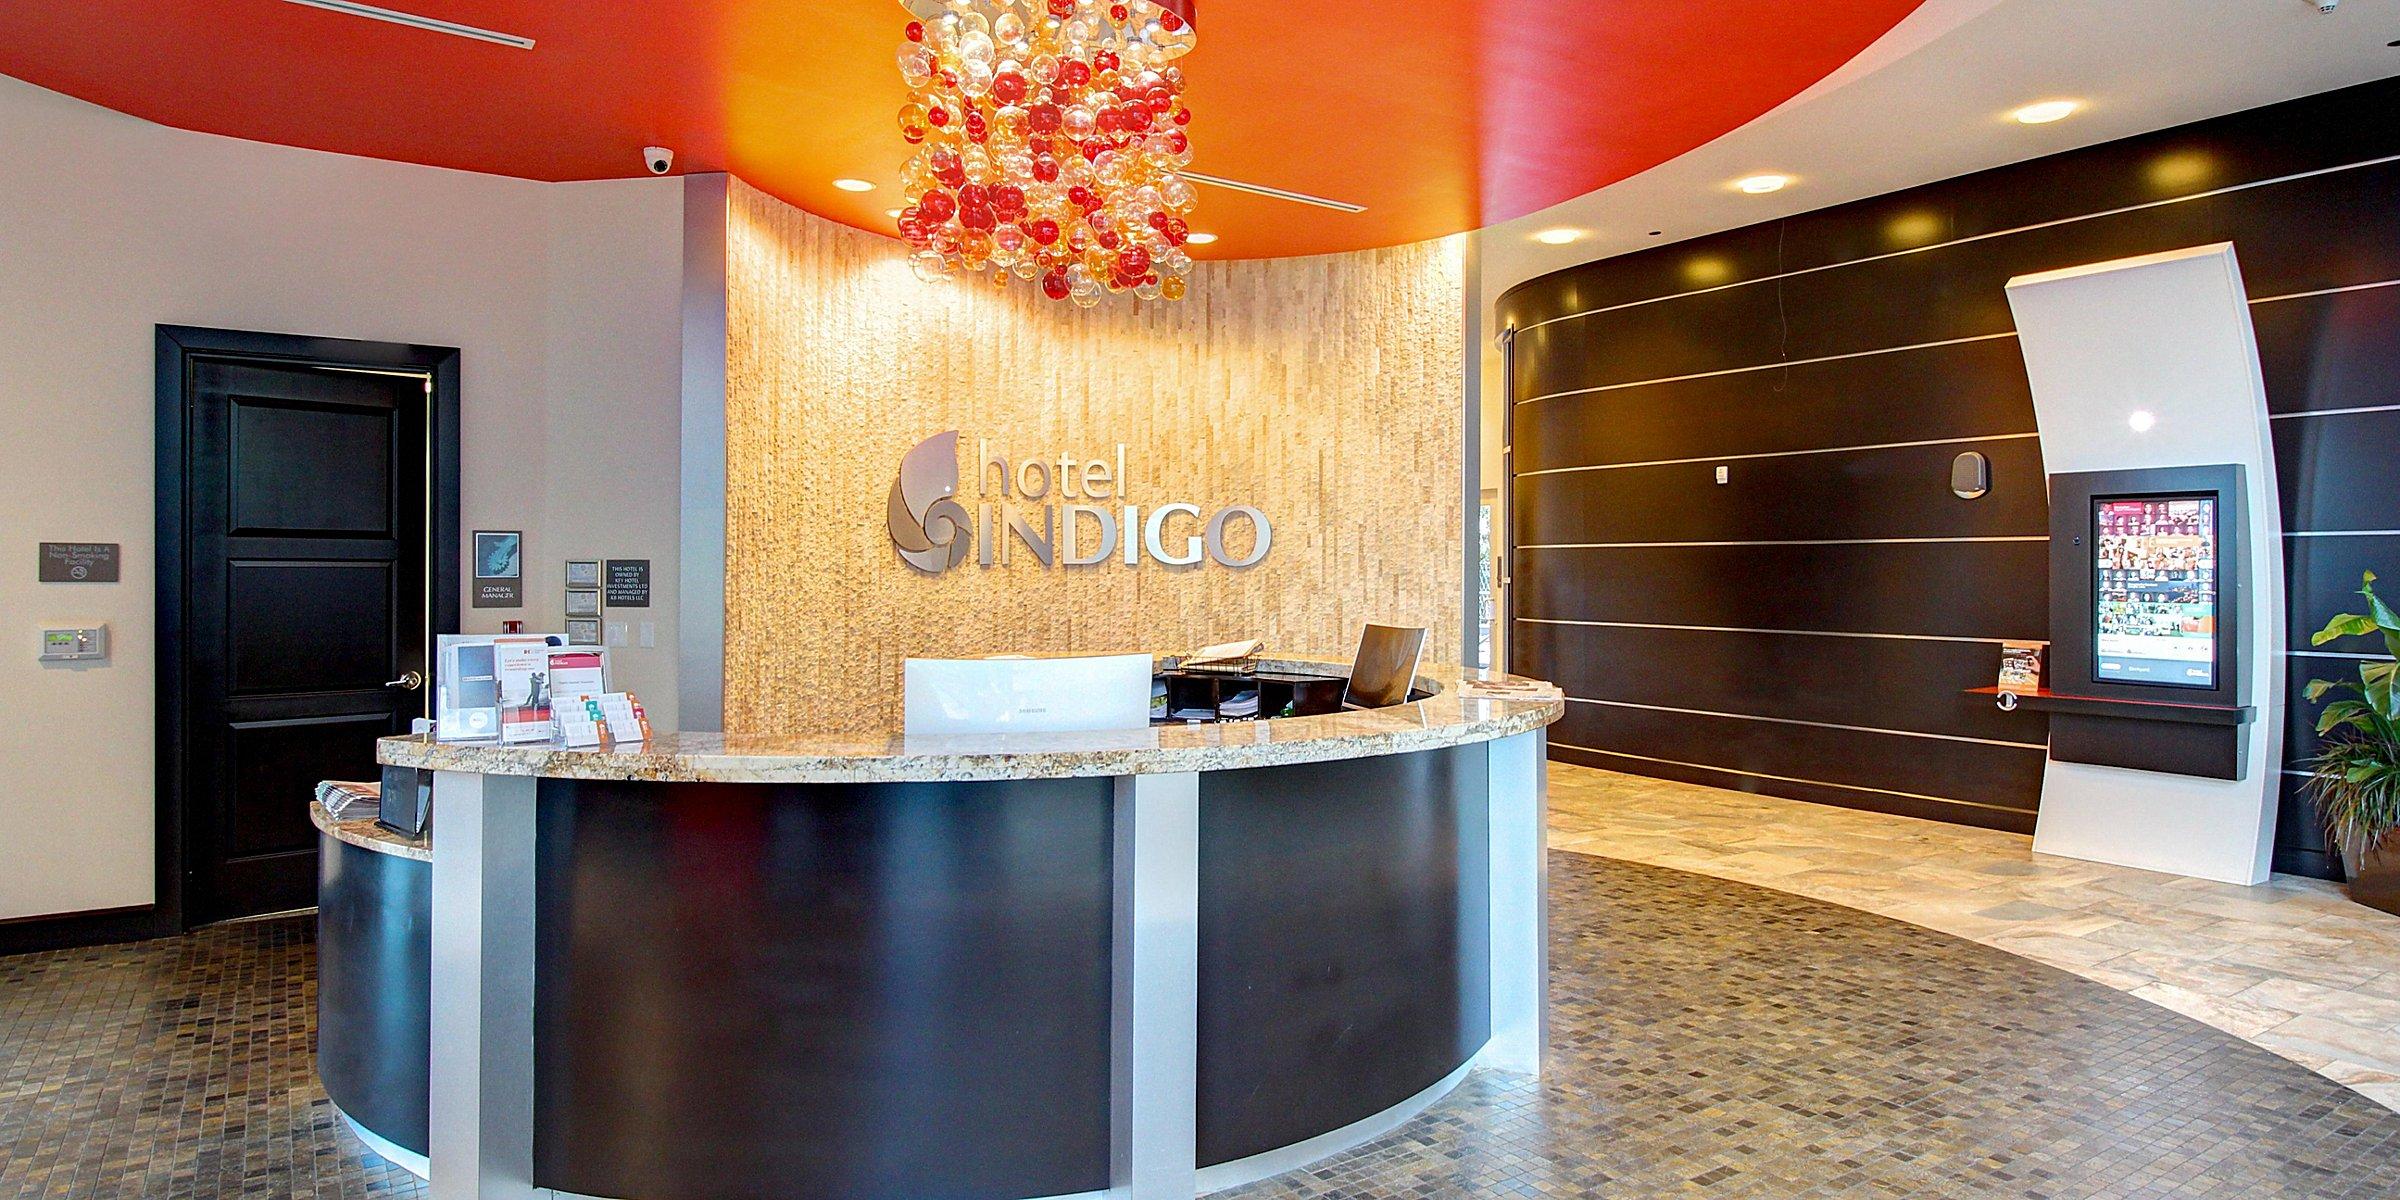 Waco Hotels: Hotel Indigo Waco - Baylor Hotel in Waco, Texas